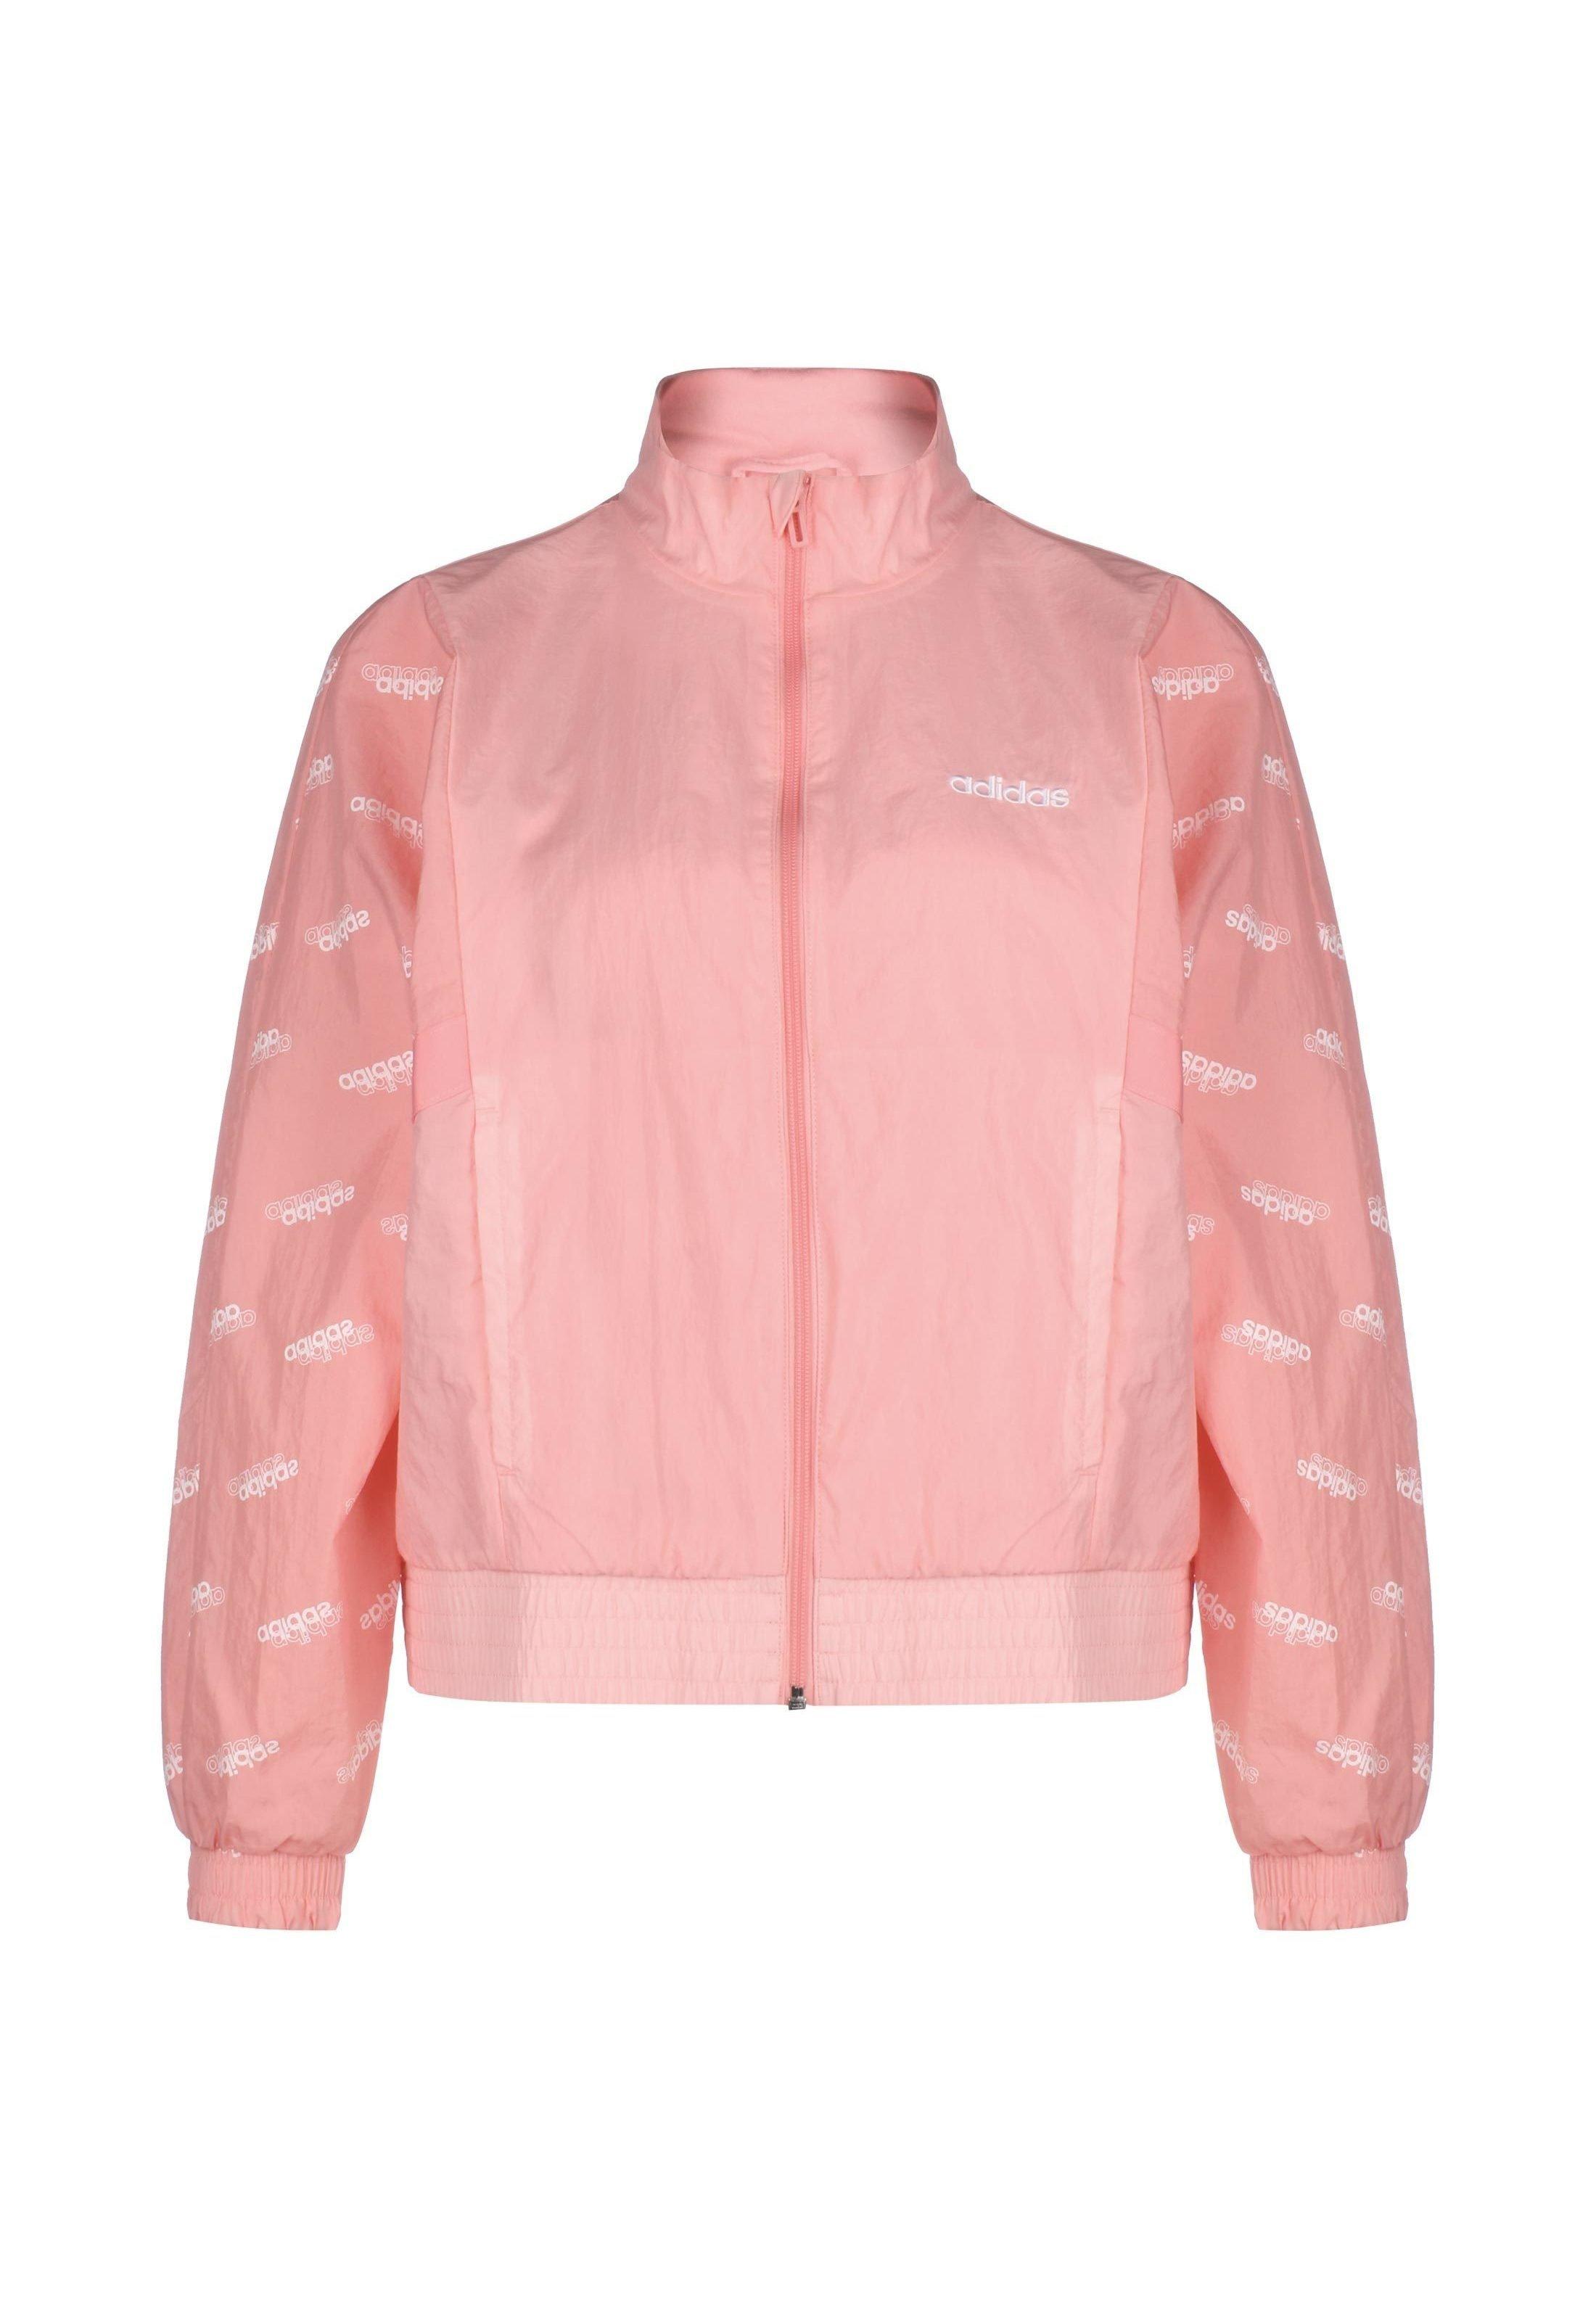 FAVORITES REGENJACKE DAMEN Trainingsjacke glow pinkwhite